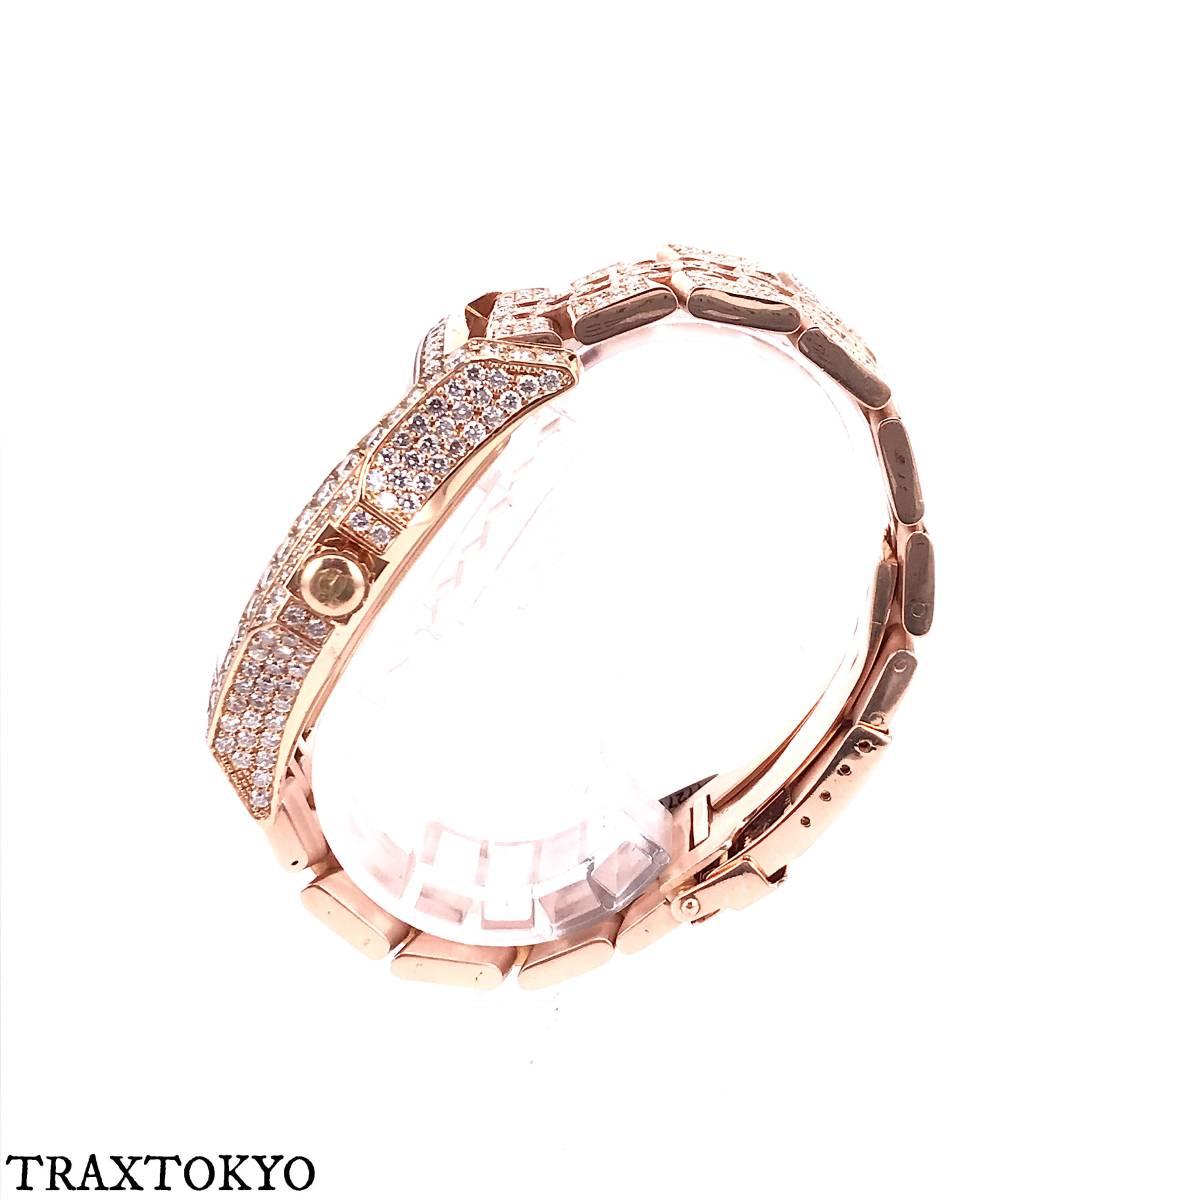 ブライトリング BREITLING ベントレー フライングB R28362 ピンクゴールド ダイヤモンド 美品 メンズ traxtokyo_画像3